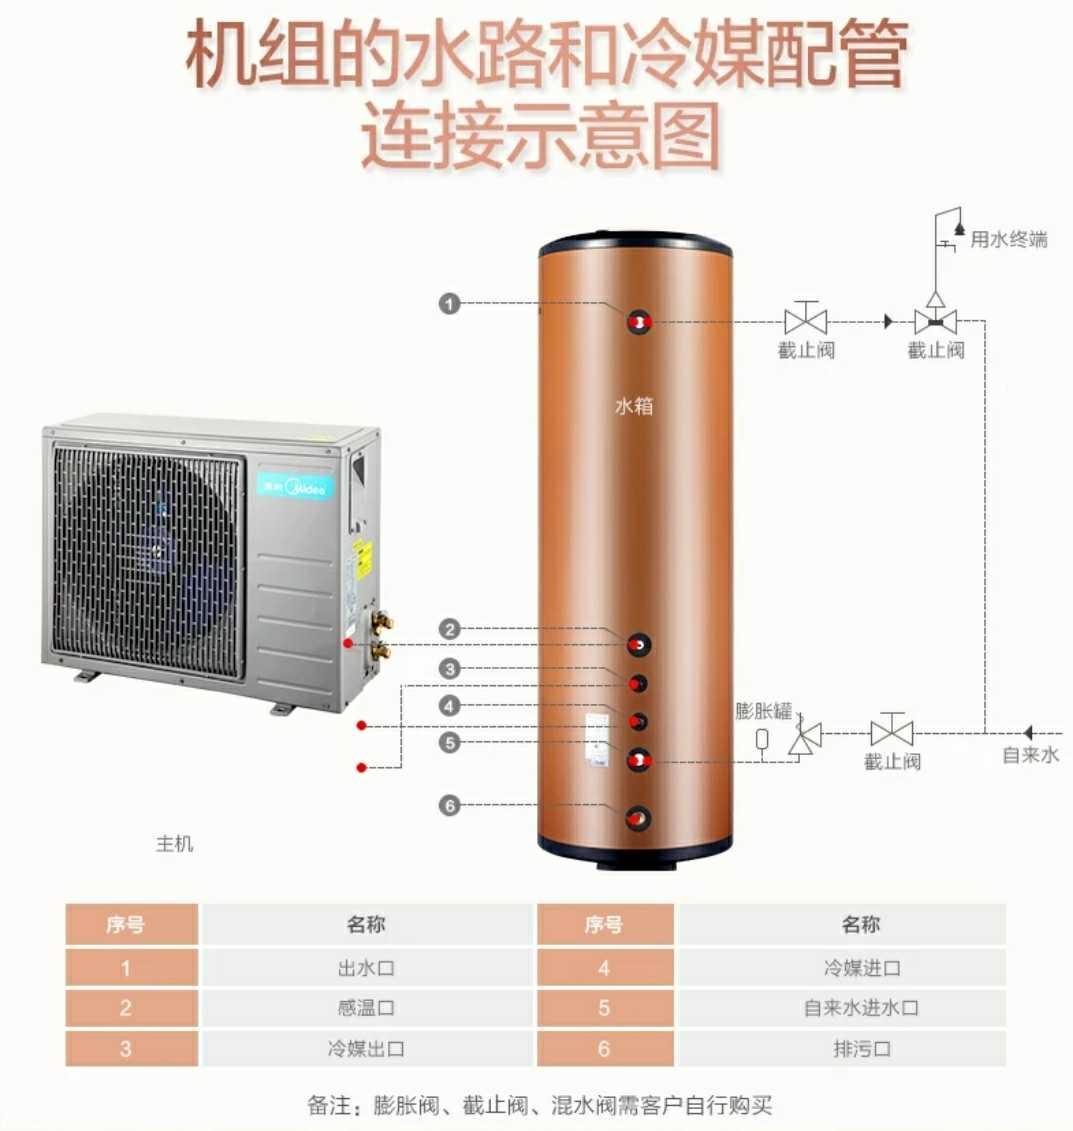 La bomba de aire calentador de agua caliente KF105 / 260L-MI (E4) de los 260 litros de dividir el paquete postal